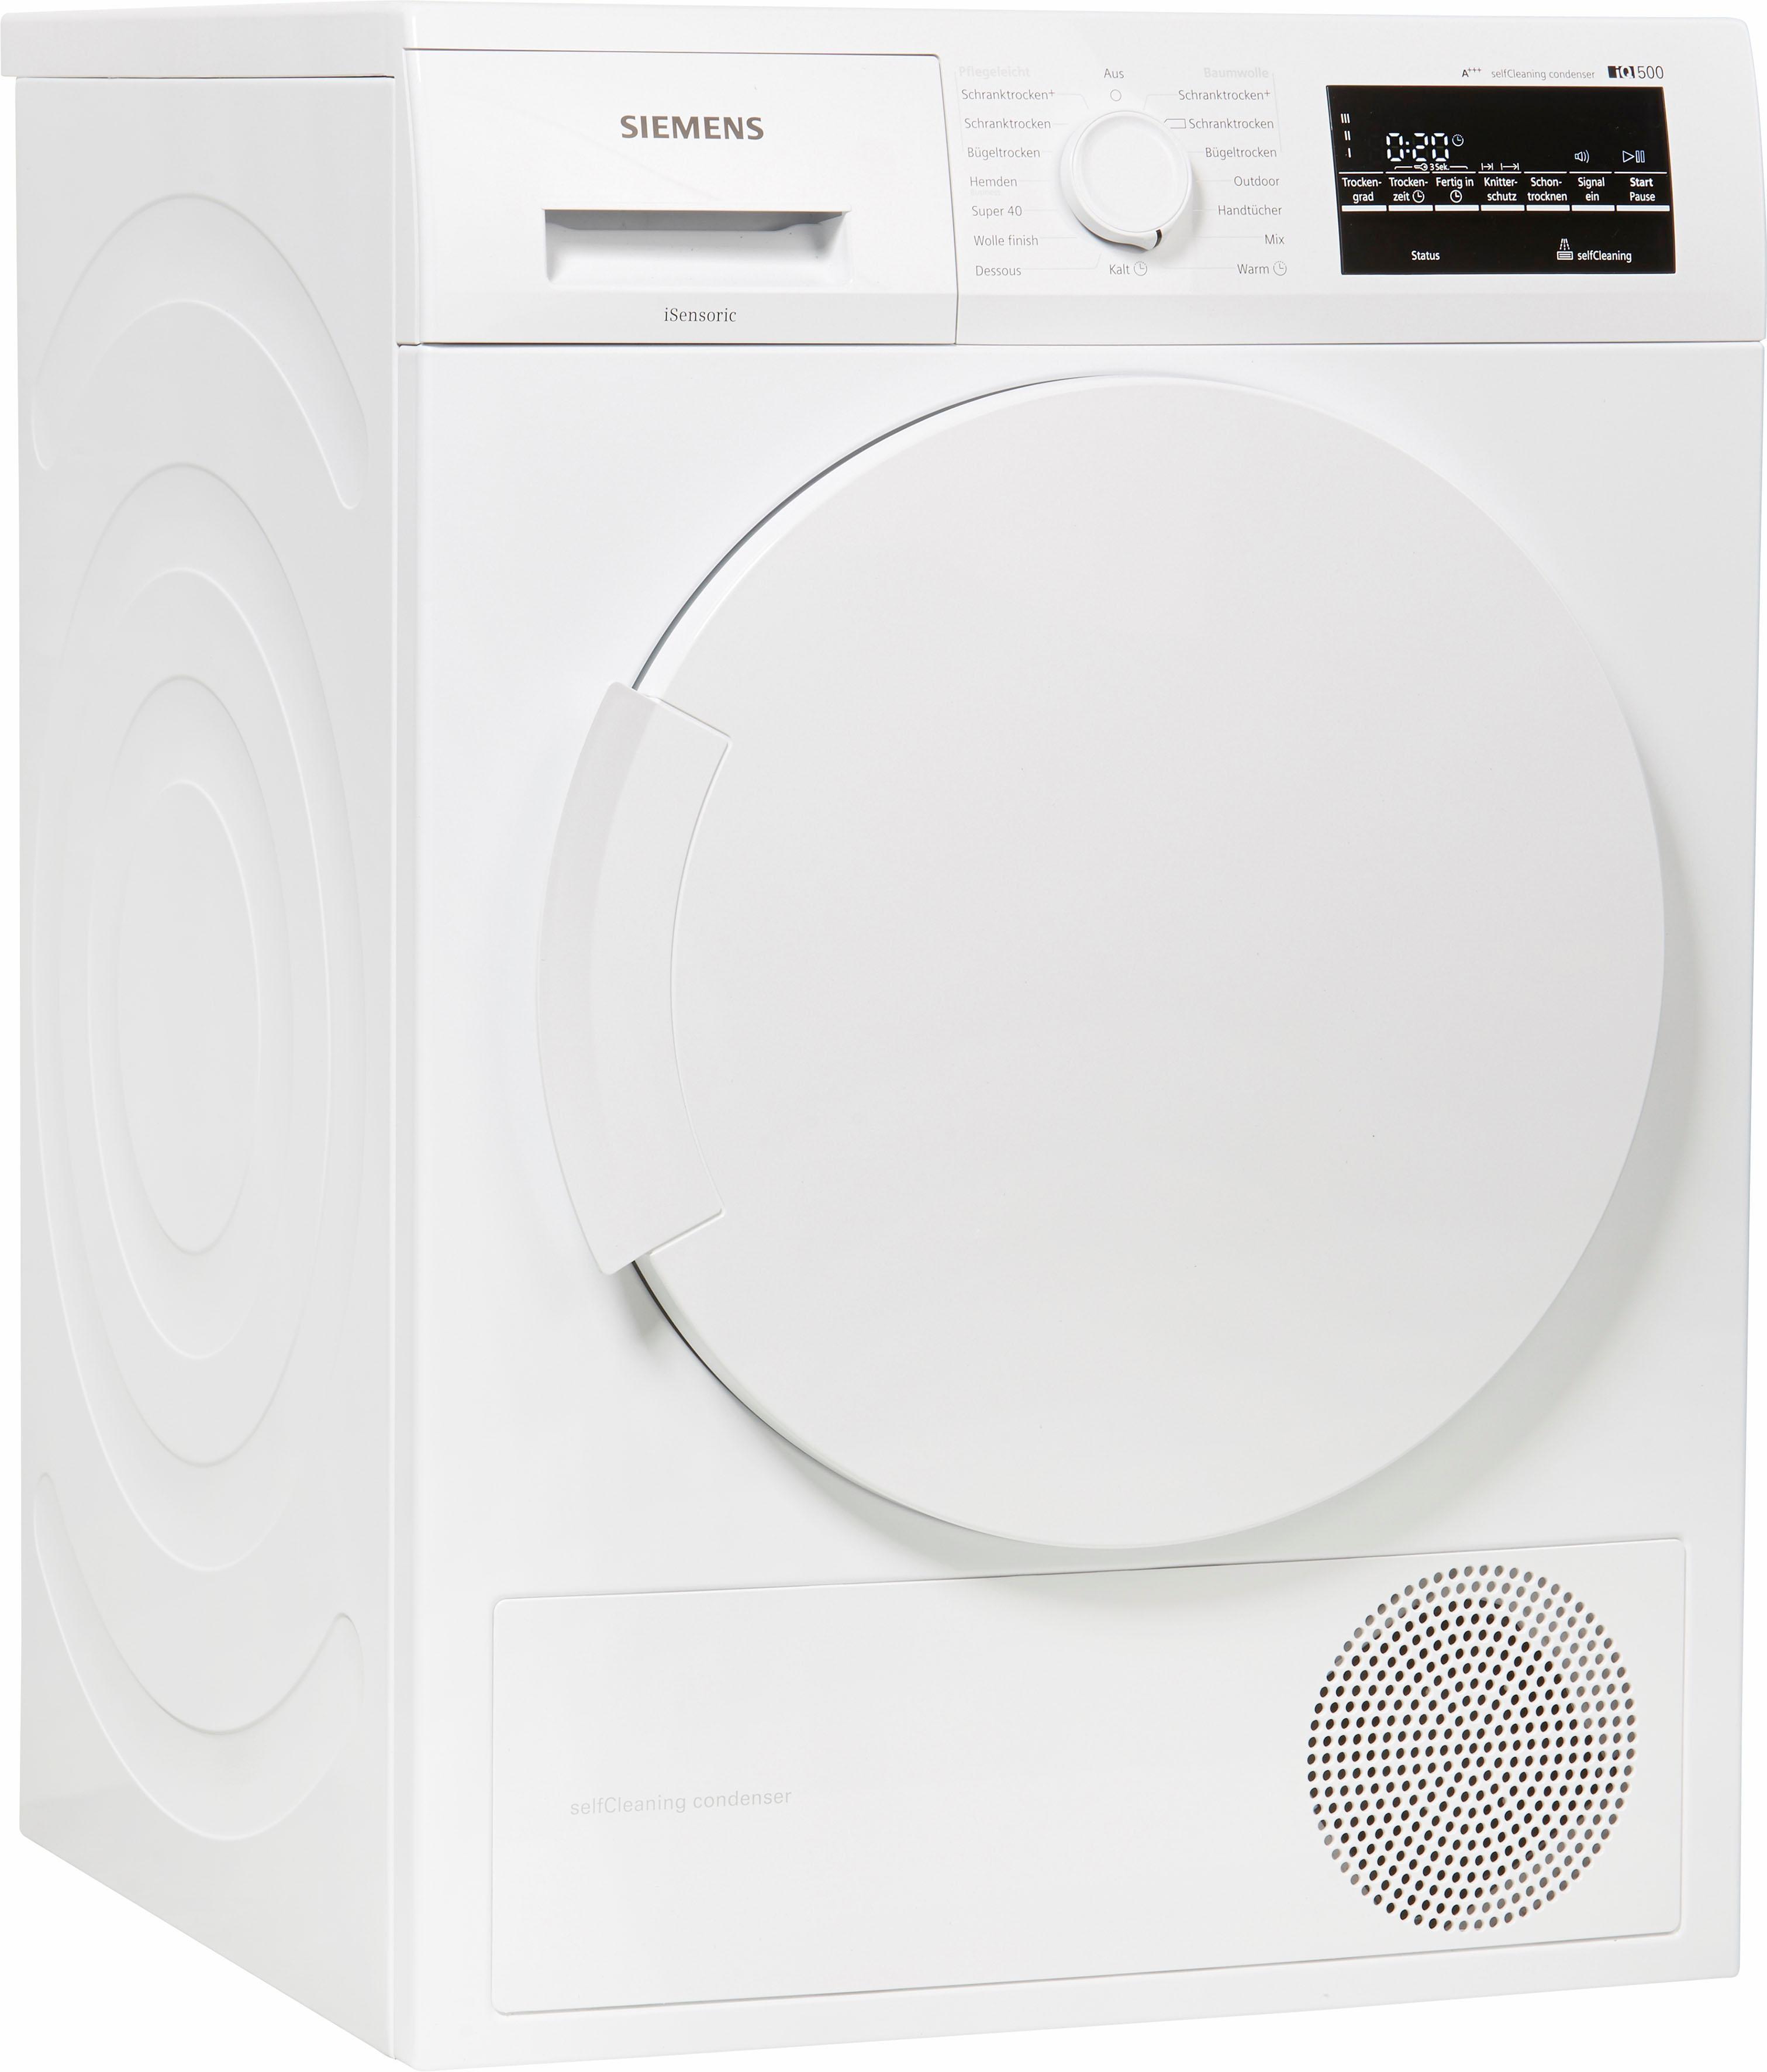 SIEMENS Wärmepumpentrockner WT45W463, 7 kg | Bad > Waschmaschinen und Trockner | Siemens